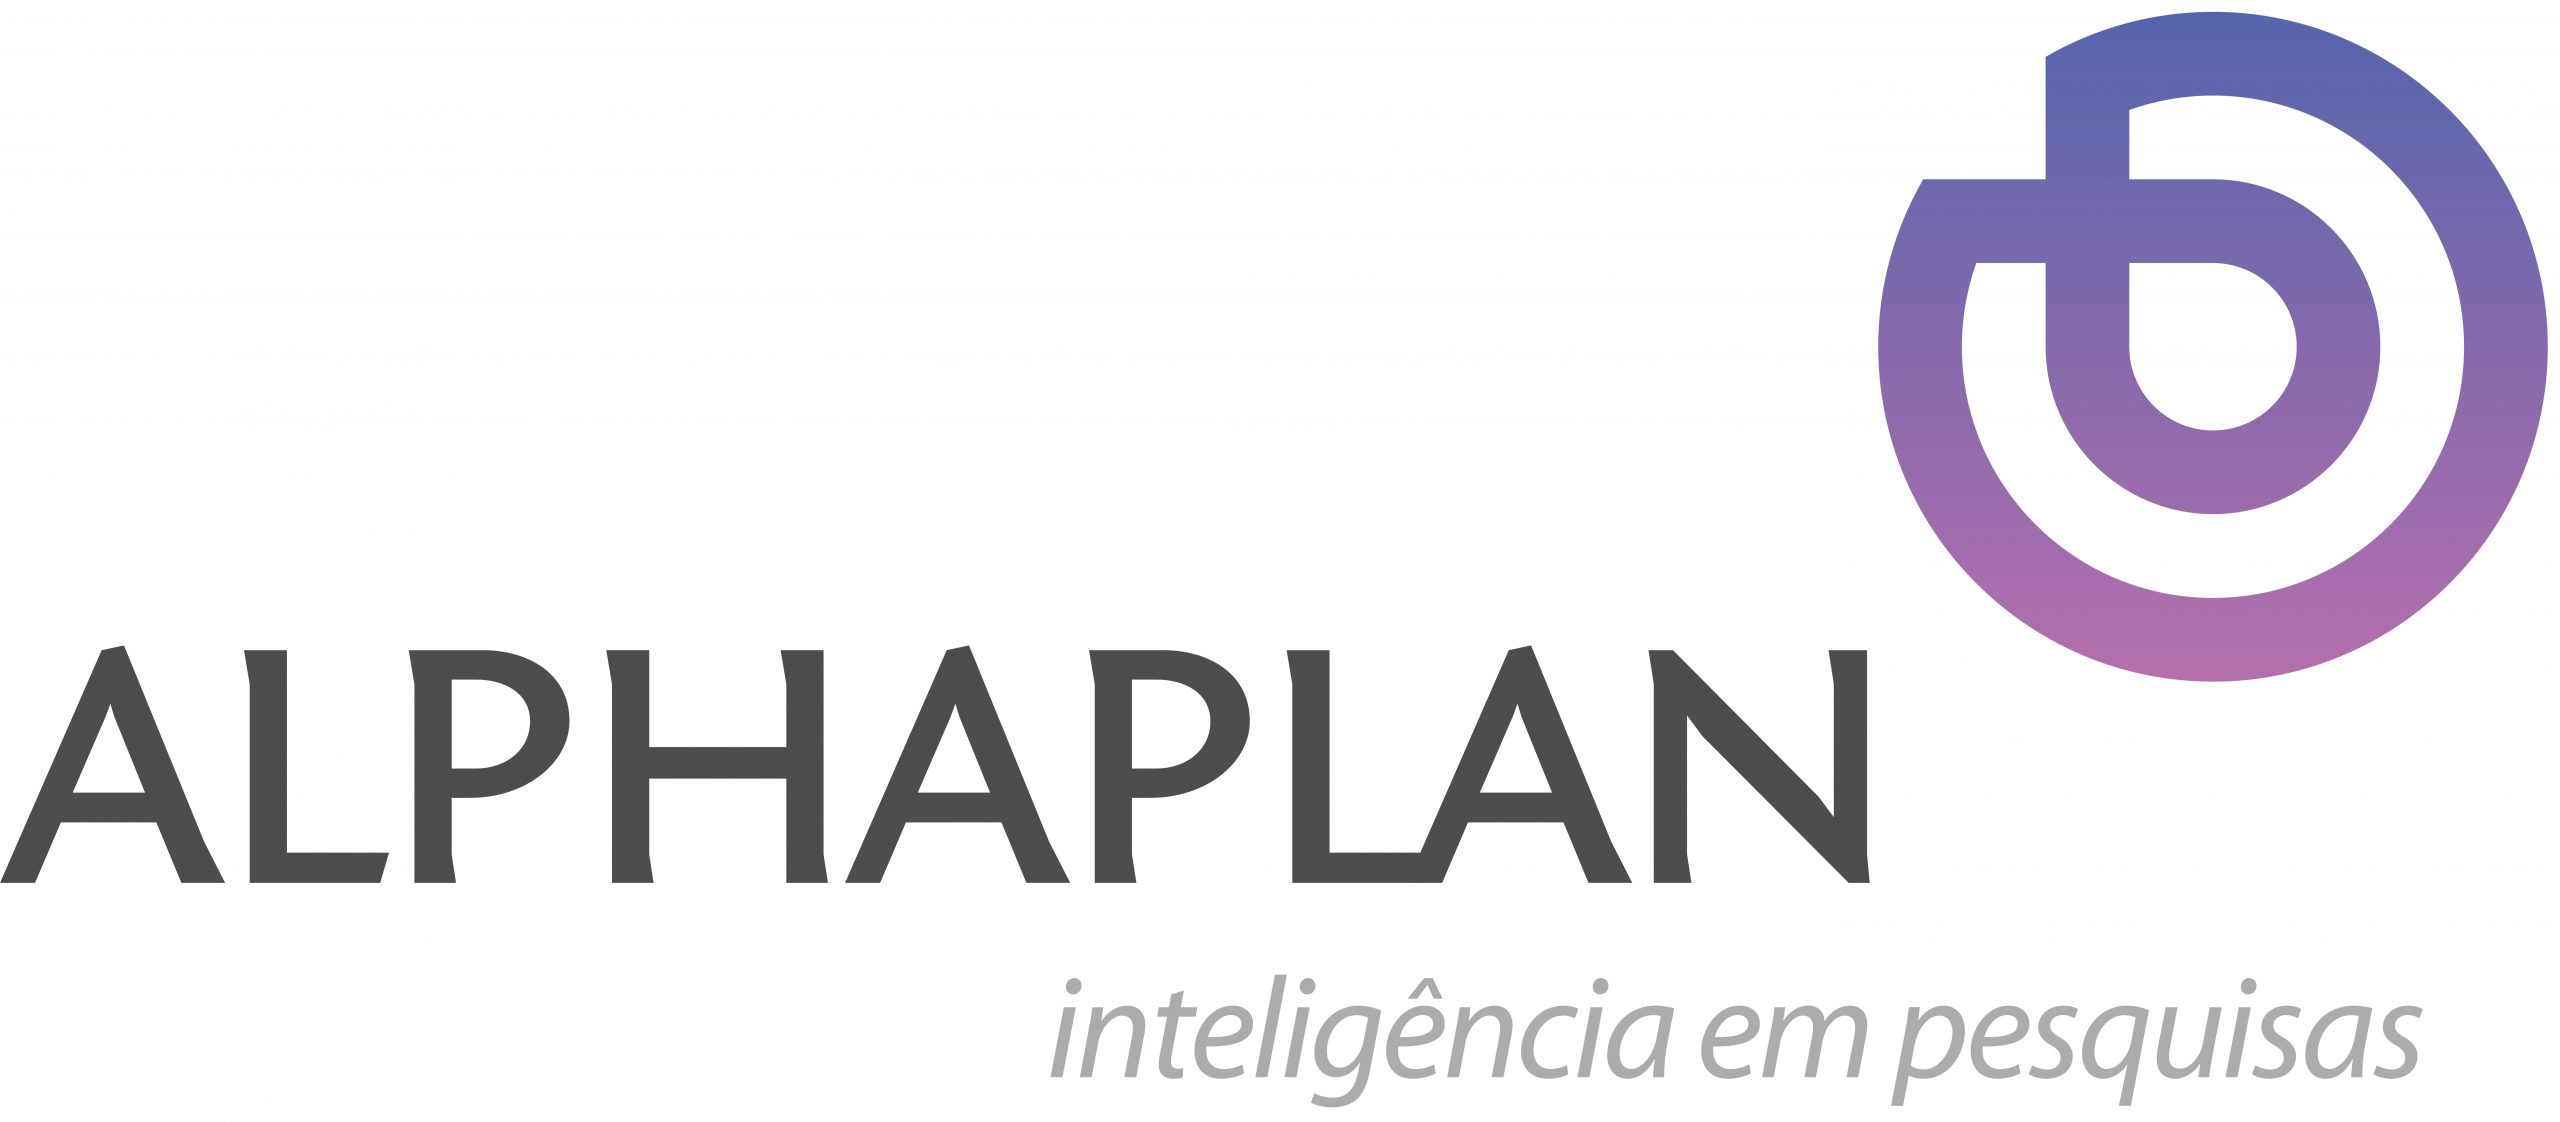 http://www.alphaplanpesquisas.com.br